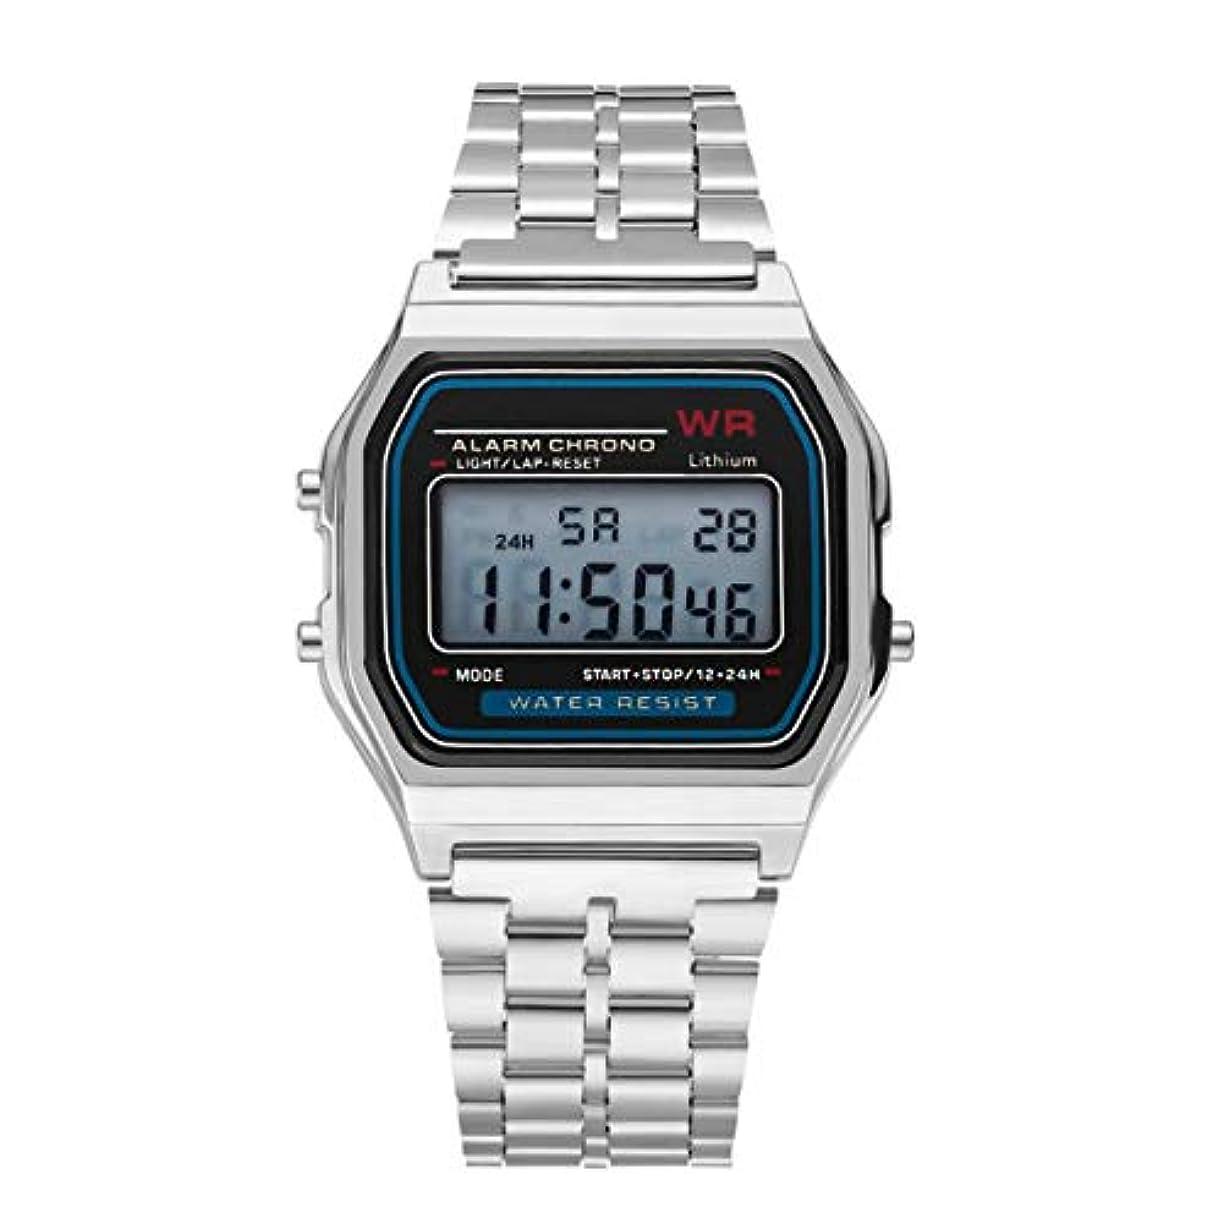 調和機動経験DeeploveUU ファッションヴィンテージLEDデジタル腕時計ステンレス鋼ストラップアラーム腕時計ドレスビジネス腕時計男性用女性